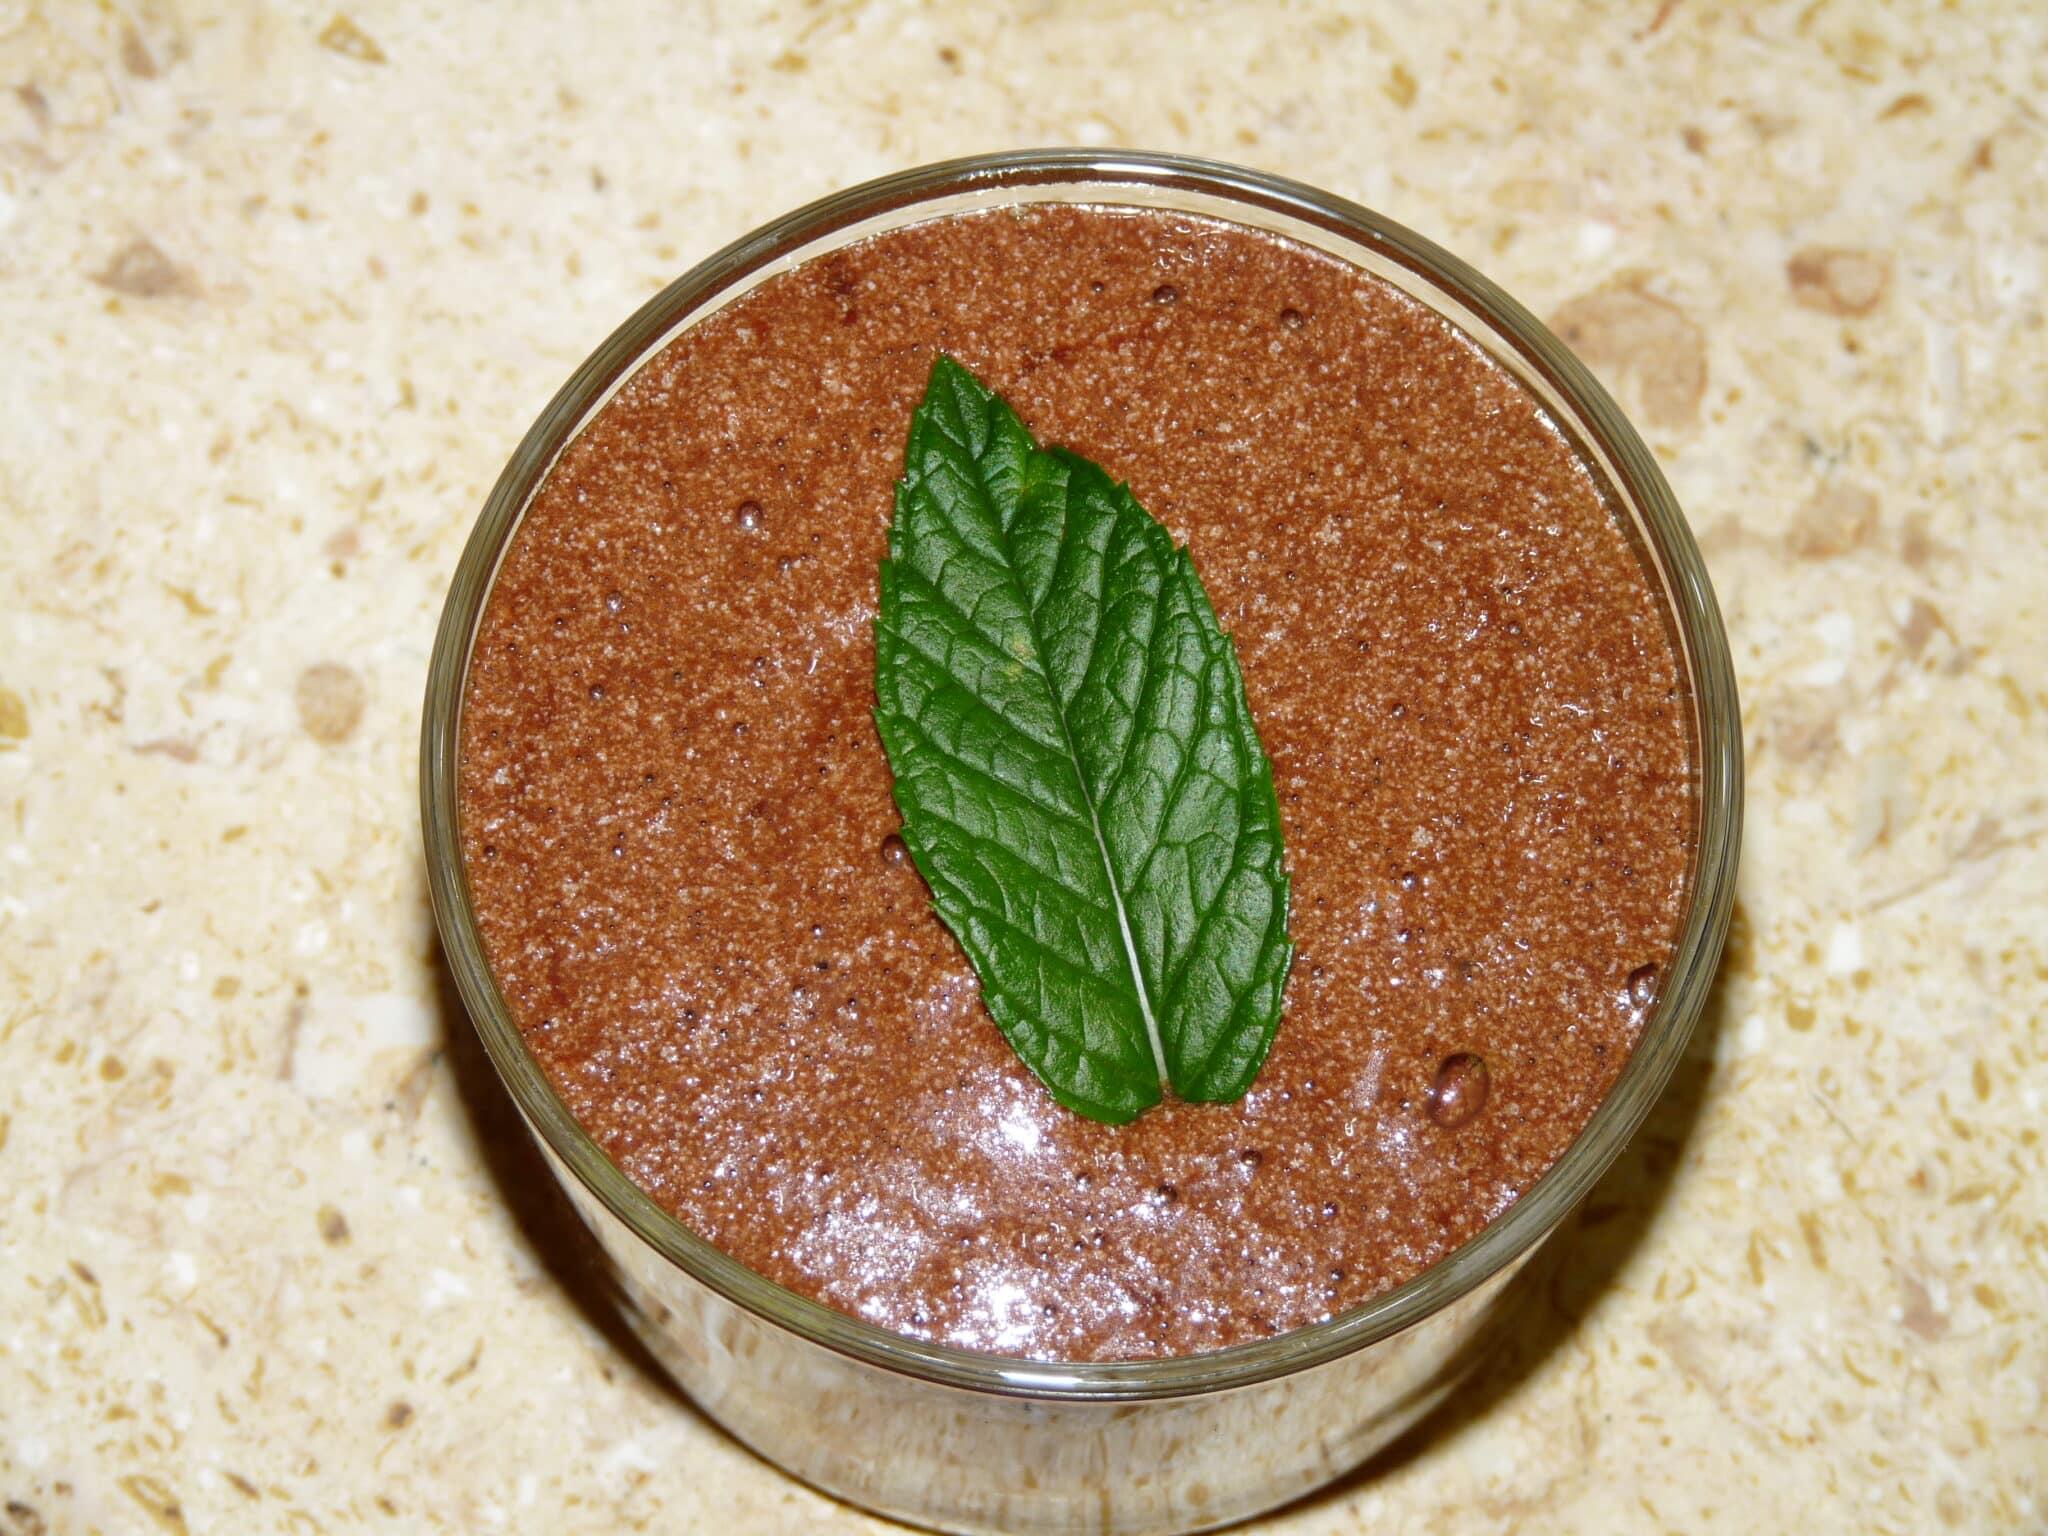 Idée gourmande: mousse au chocolat sur lit de poires caramélisées